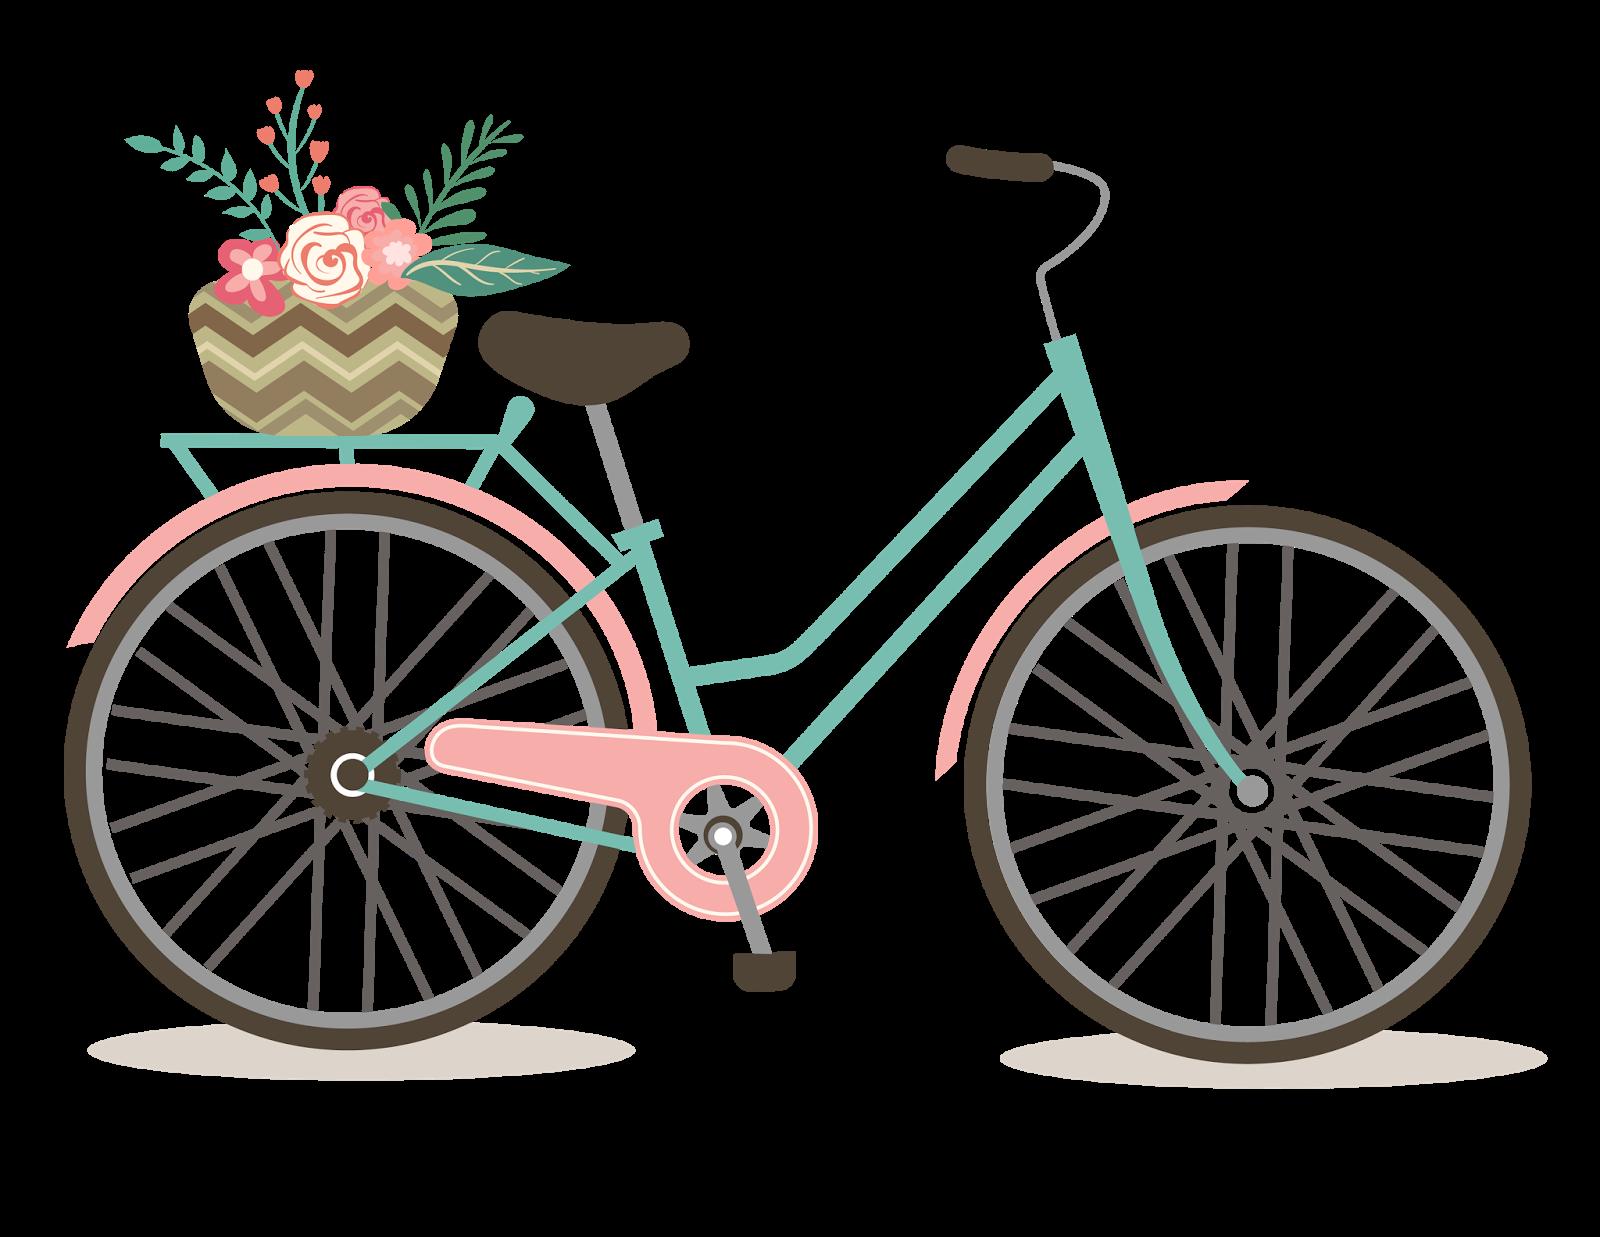 clip art. Clipart bicycle antique bike